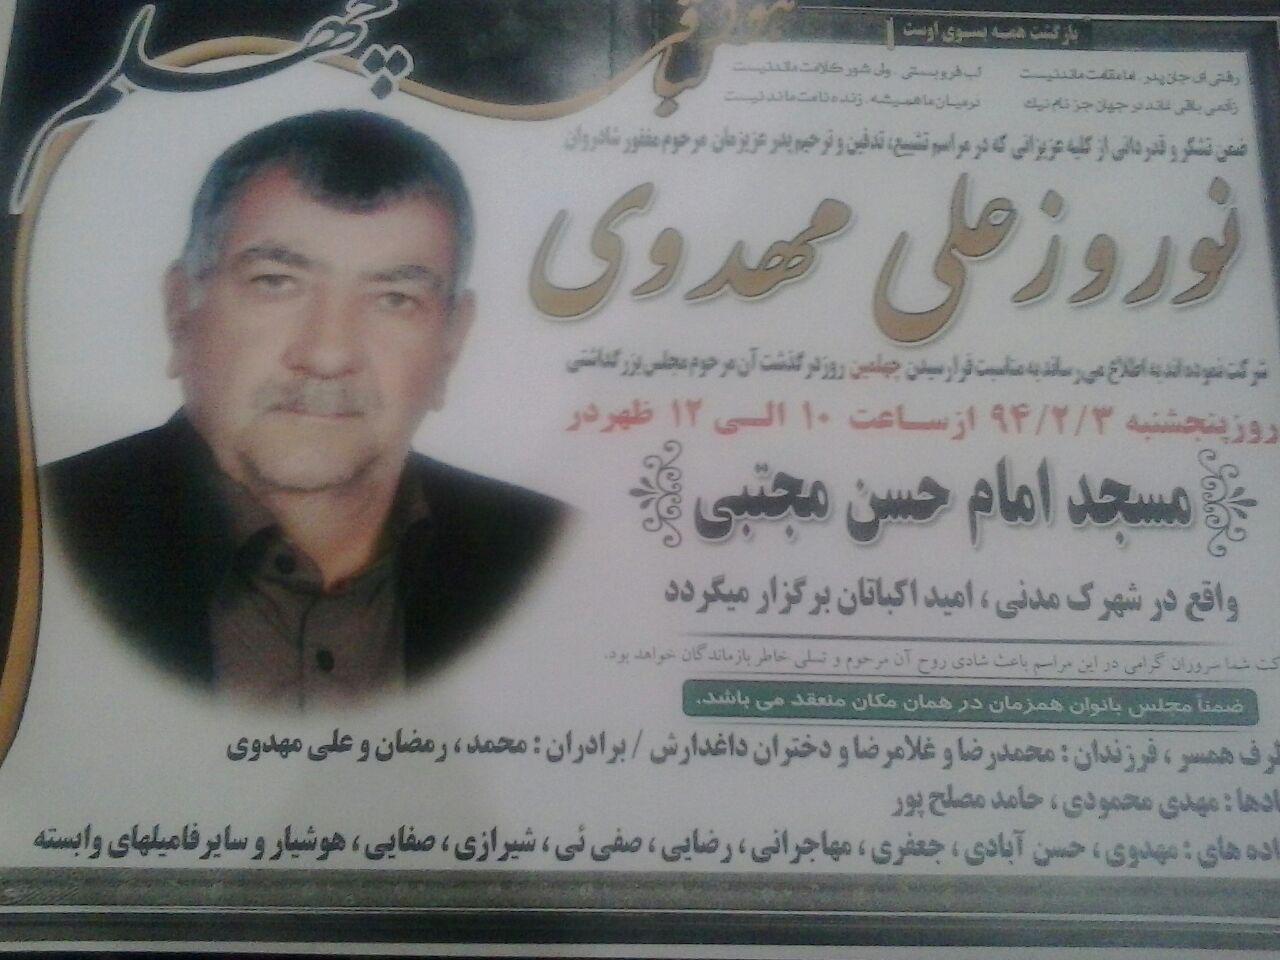 نوروز علی مهدوی